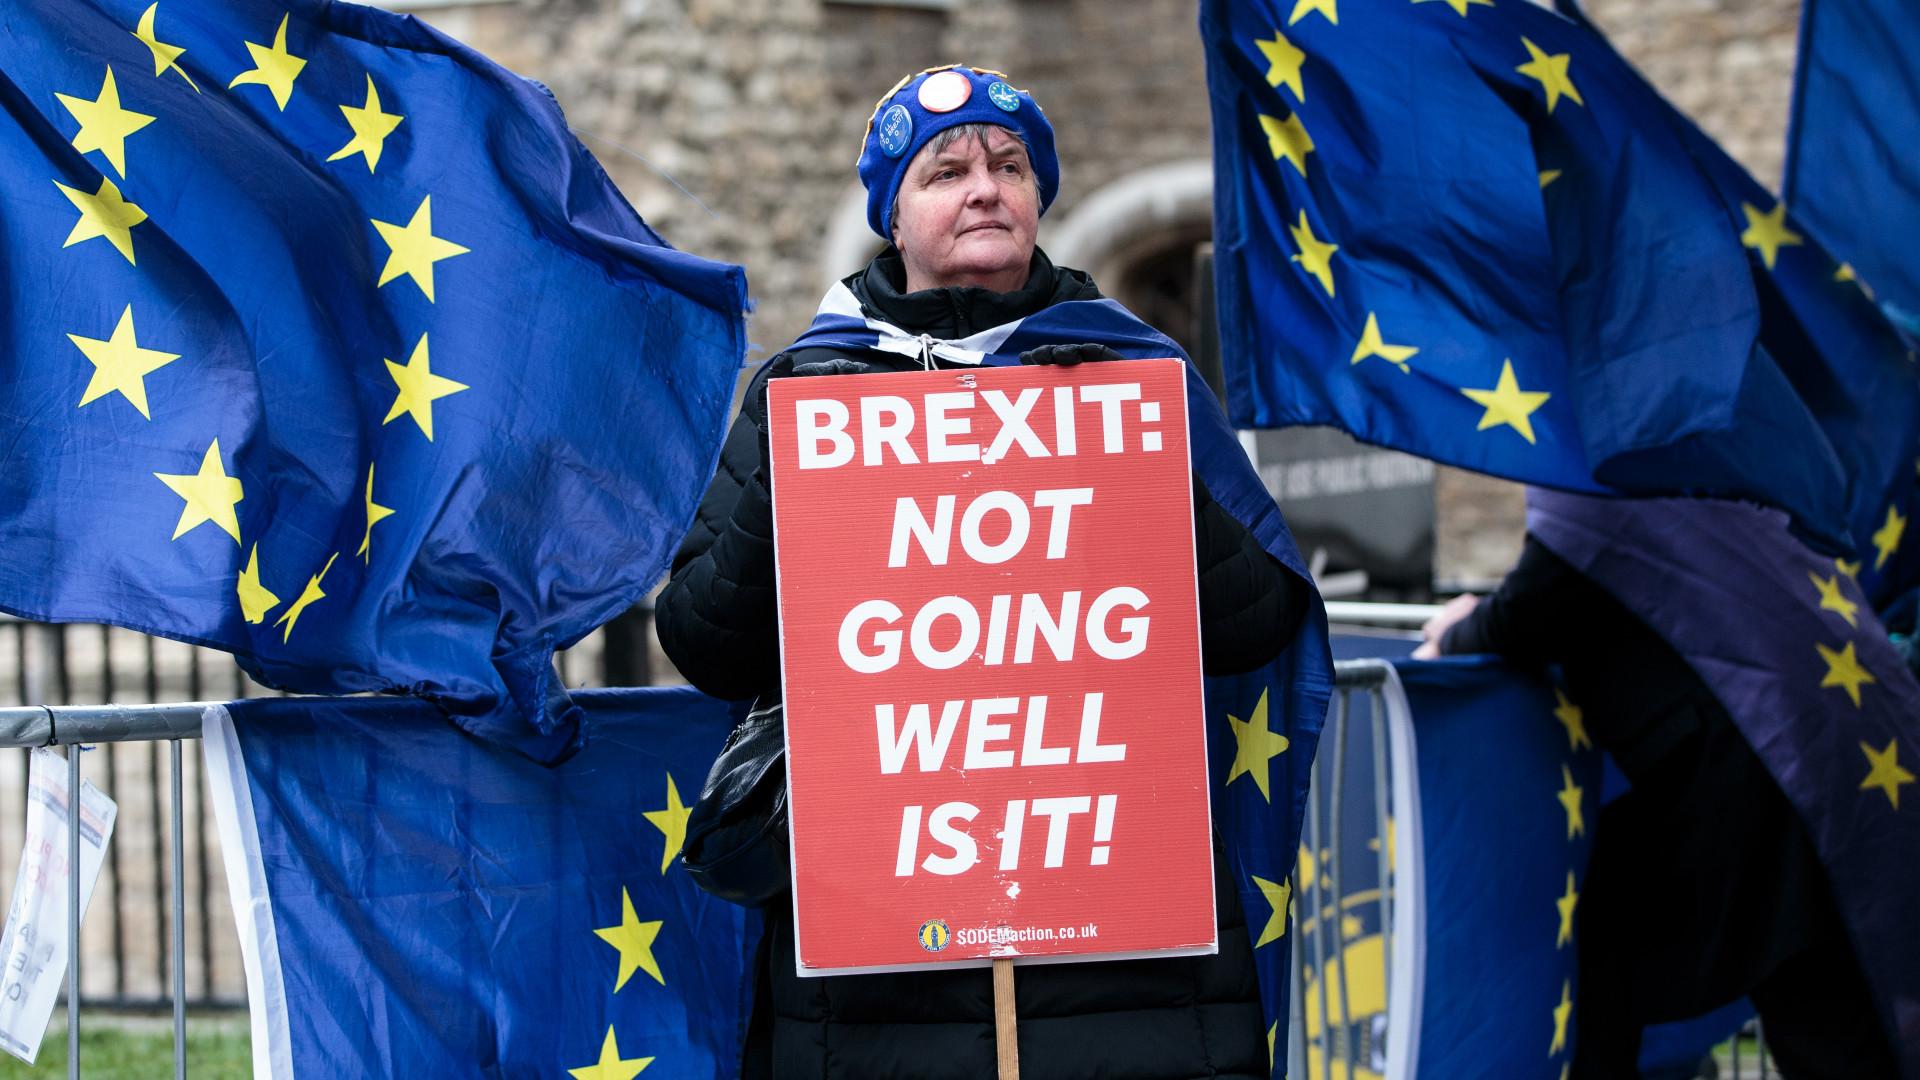 Nagyon fájna a briteknek a keményfejűség: de az alku is csak kárenyhítésre lenne jó